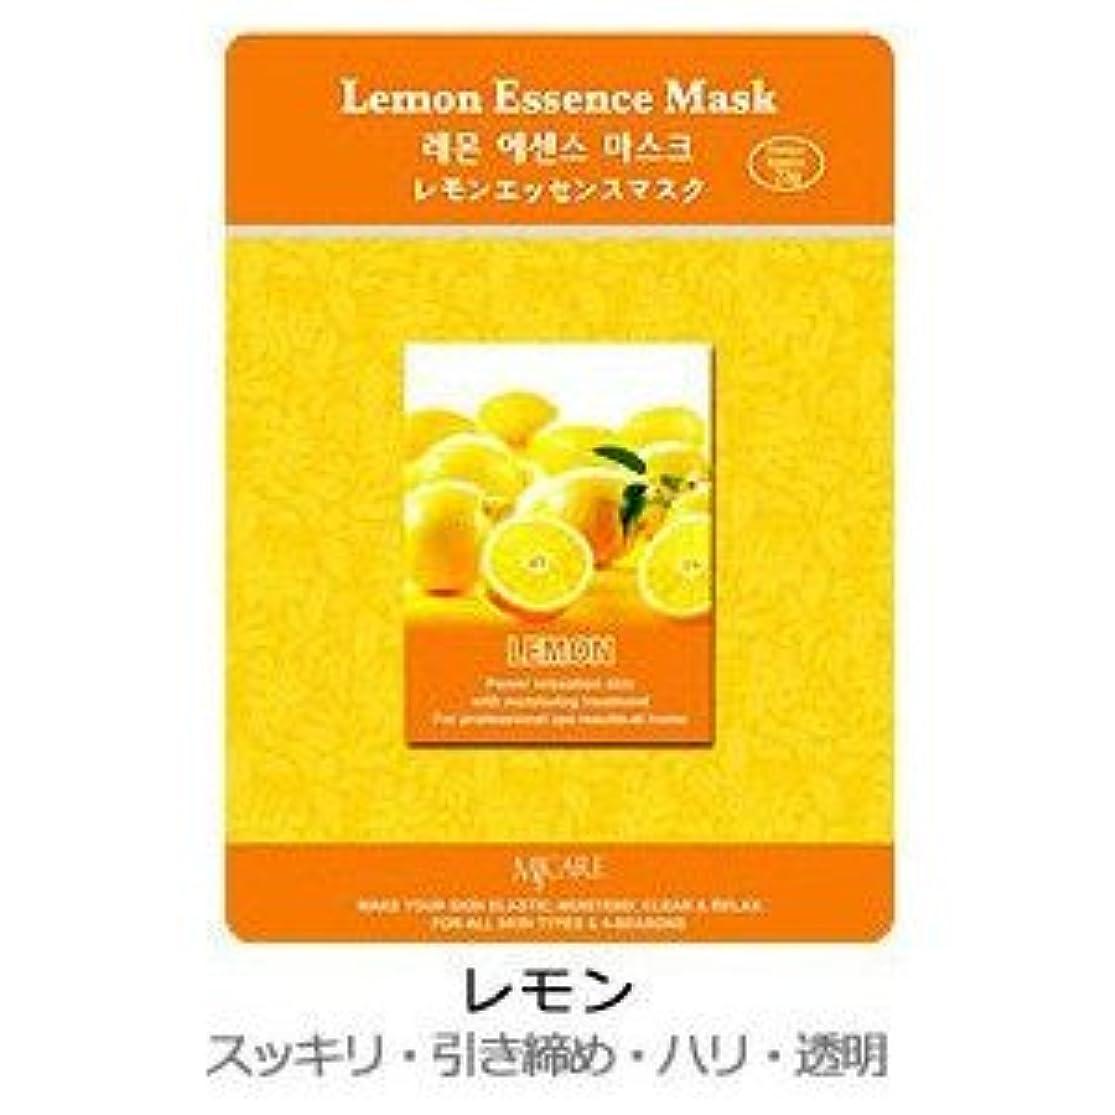 振動する幼児とまり木MJ-CAREエッセンスマスク レモン10枚セット